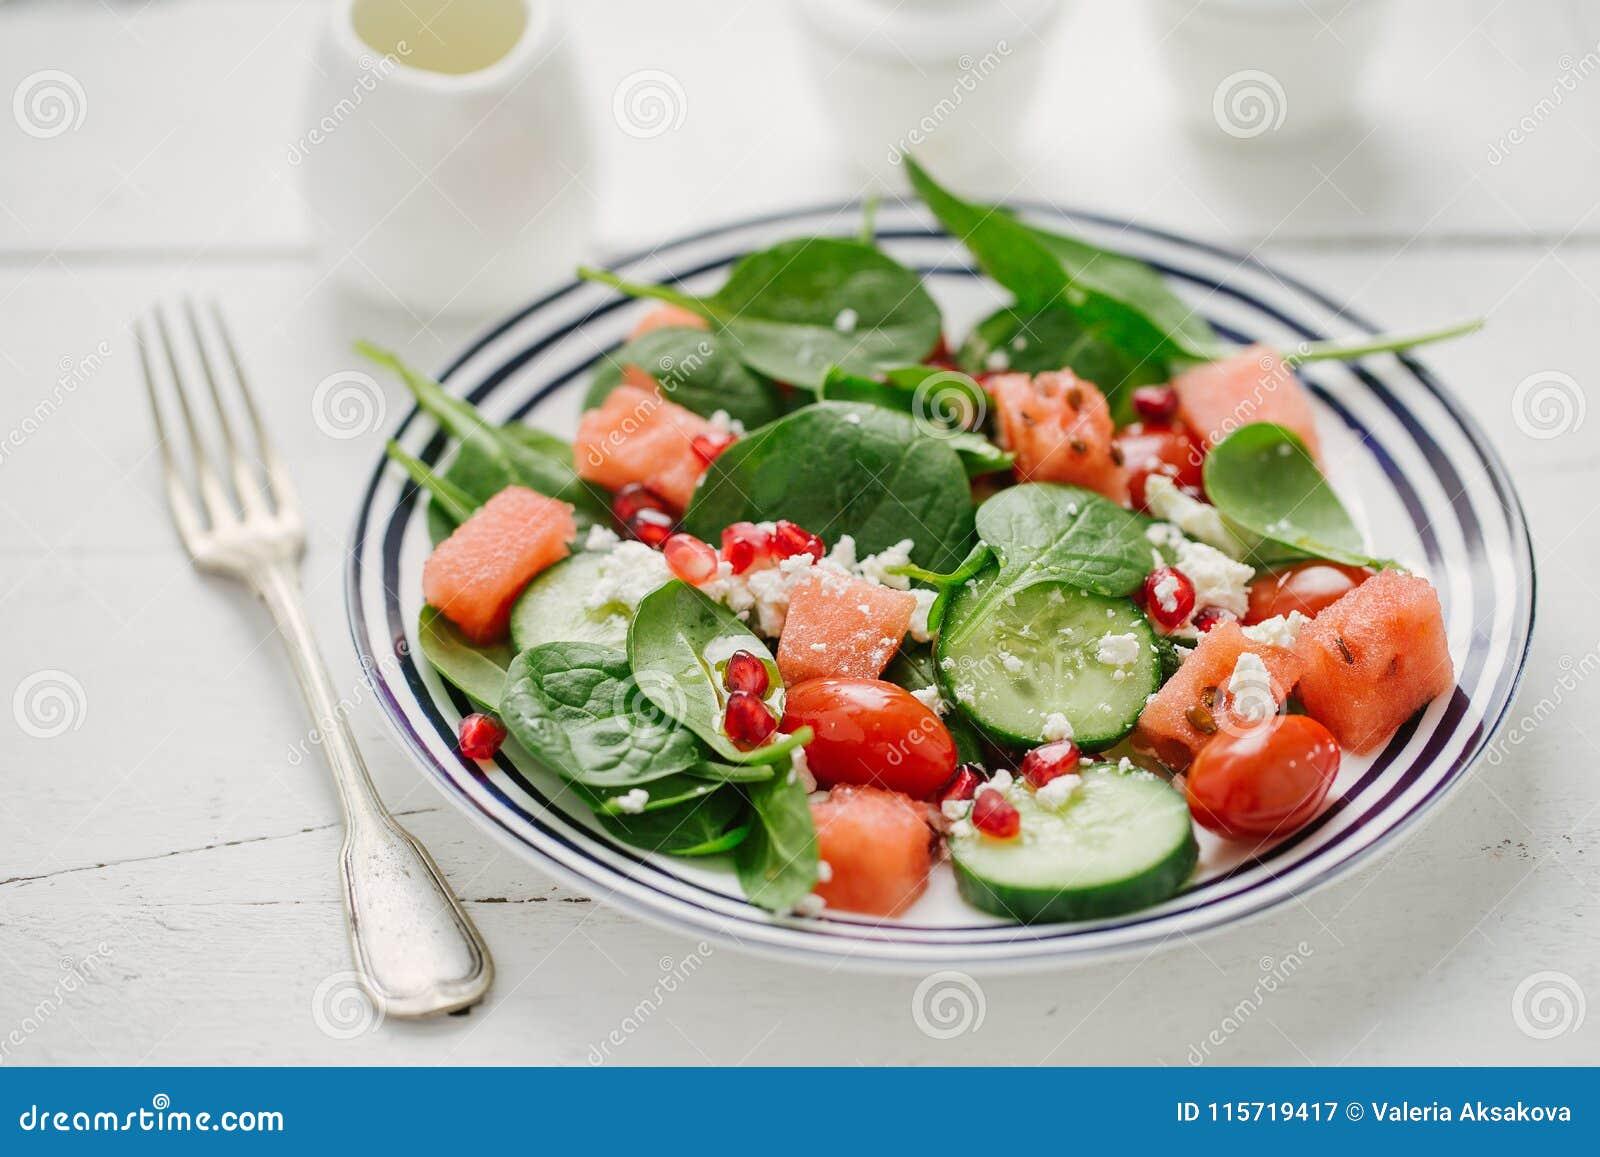 Σαλάτα φρούτων και λαχανικών στο πιάτο